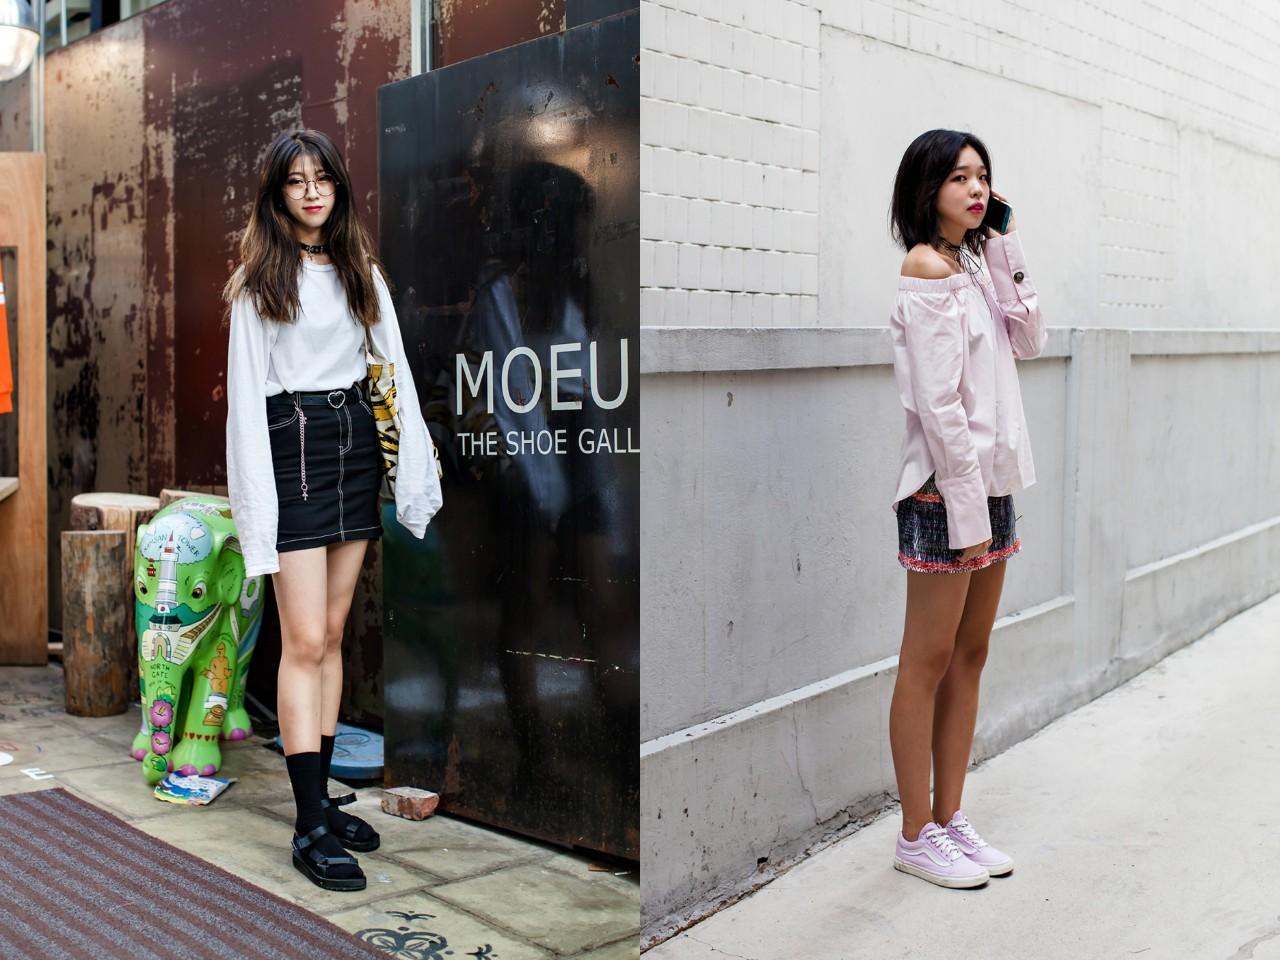 你还在为韩剧流泪,而我已经和刘雯袁姗姗一样穿上剧里时髦又便宜的品牌了!